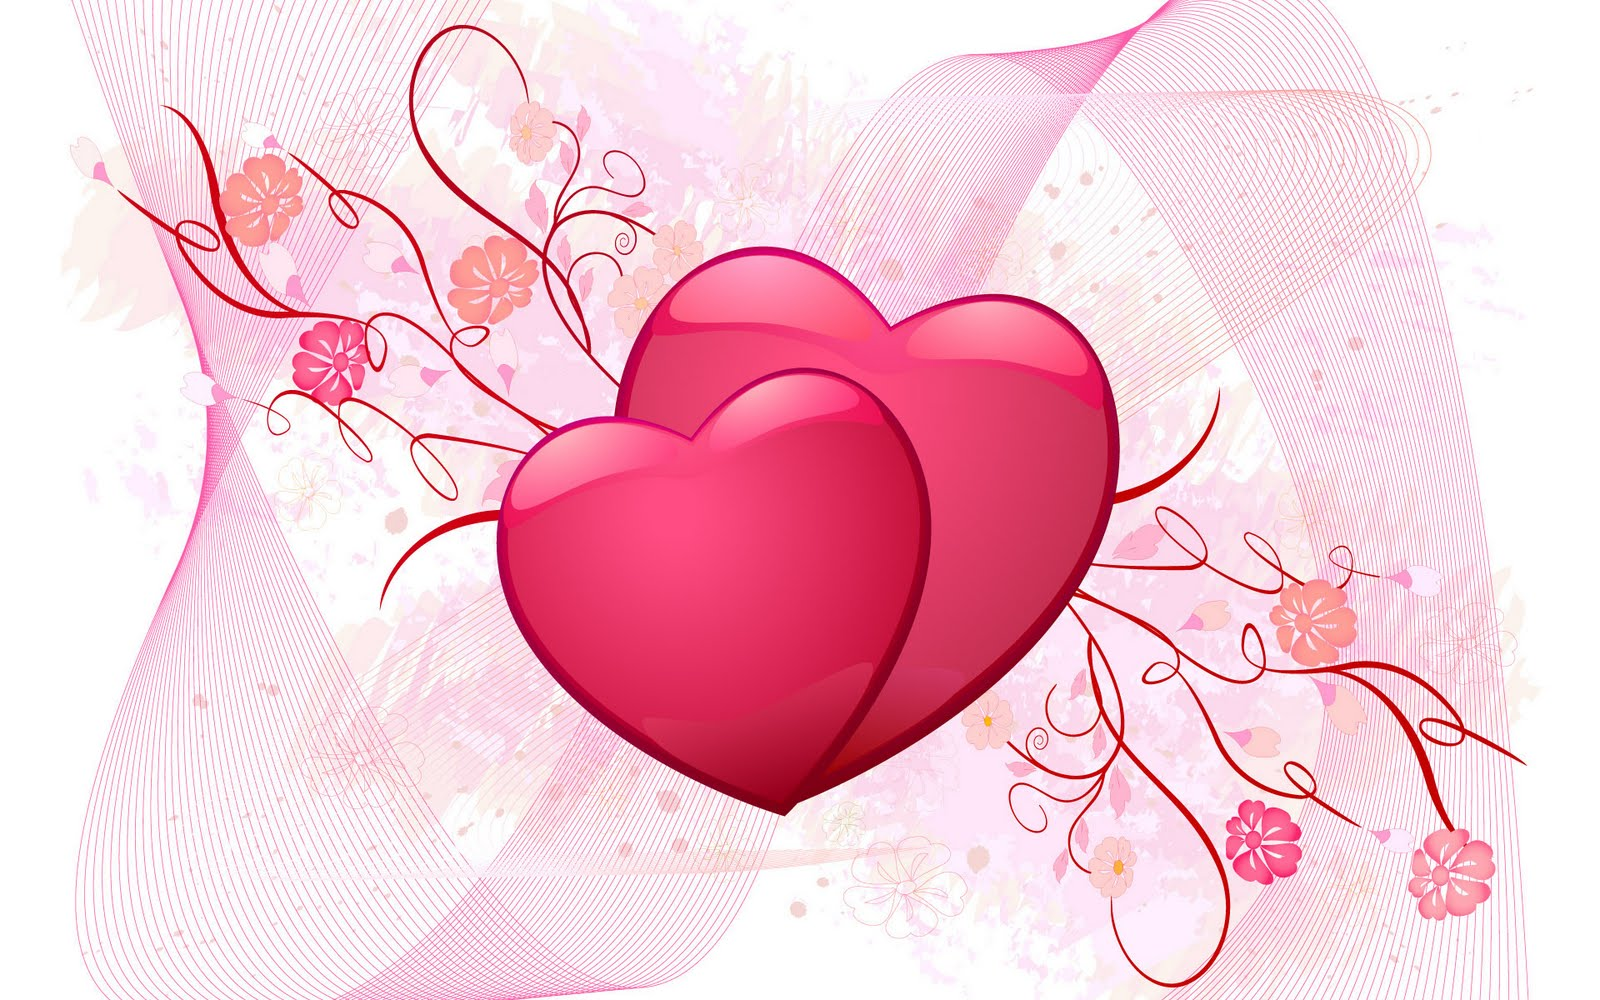 http://1.bp.blogspot.com/_6n5Y5YYmZLs/TAk2mw-yb_I/AAAAAAAAAMI/AiPesi4hkGI/s1600/Love-wallpaper-love-4187609-1920-1200.jpg